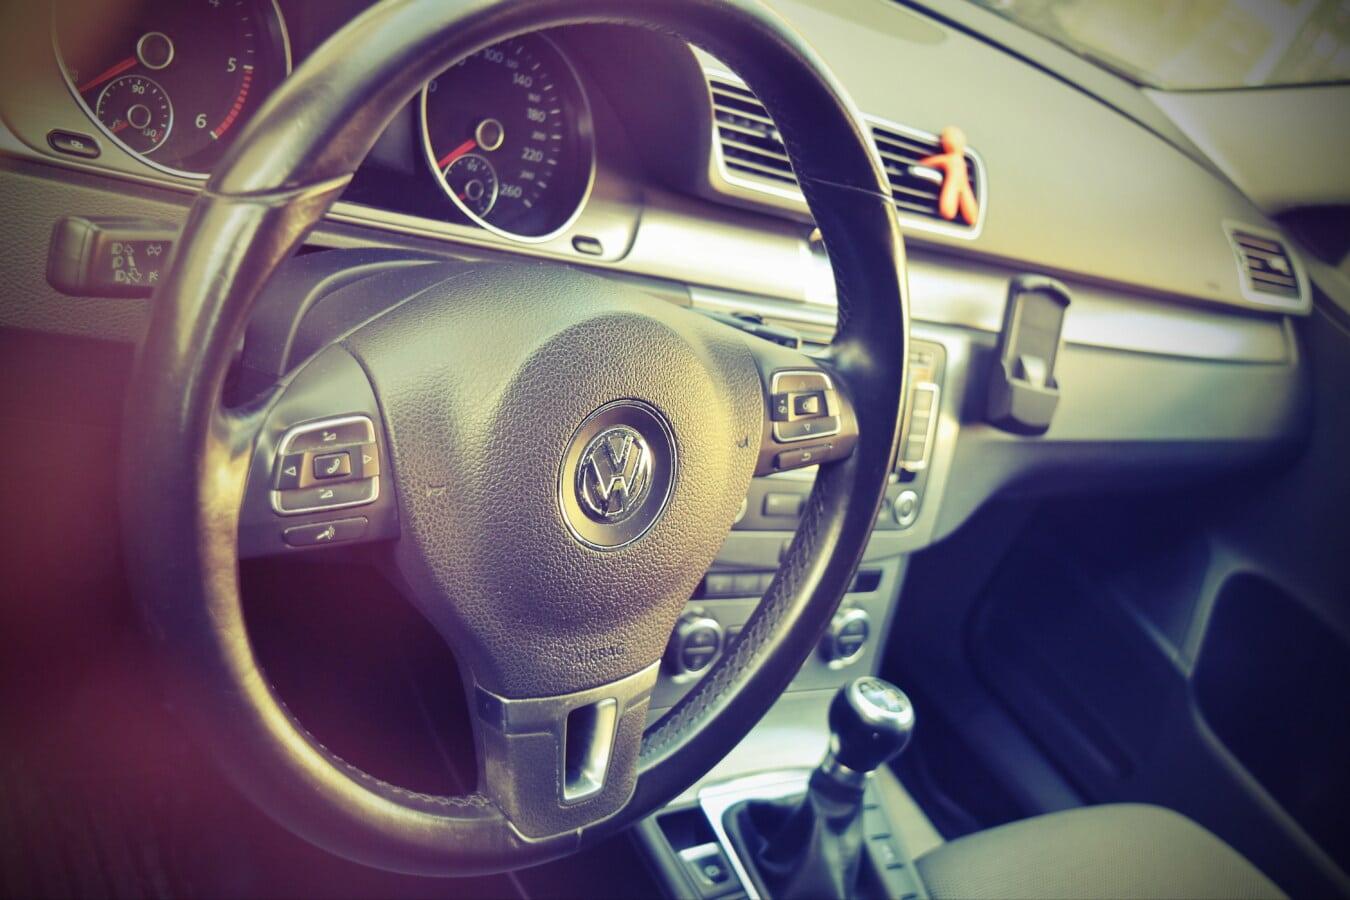 volant de direction, voiture, tableau de bord, transport, véhicule, mécanisme de, en voiture, automobile, classique, chrome